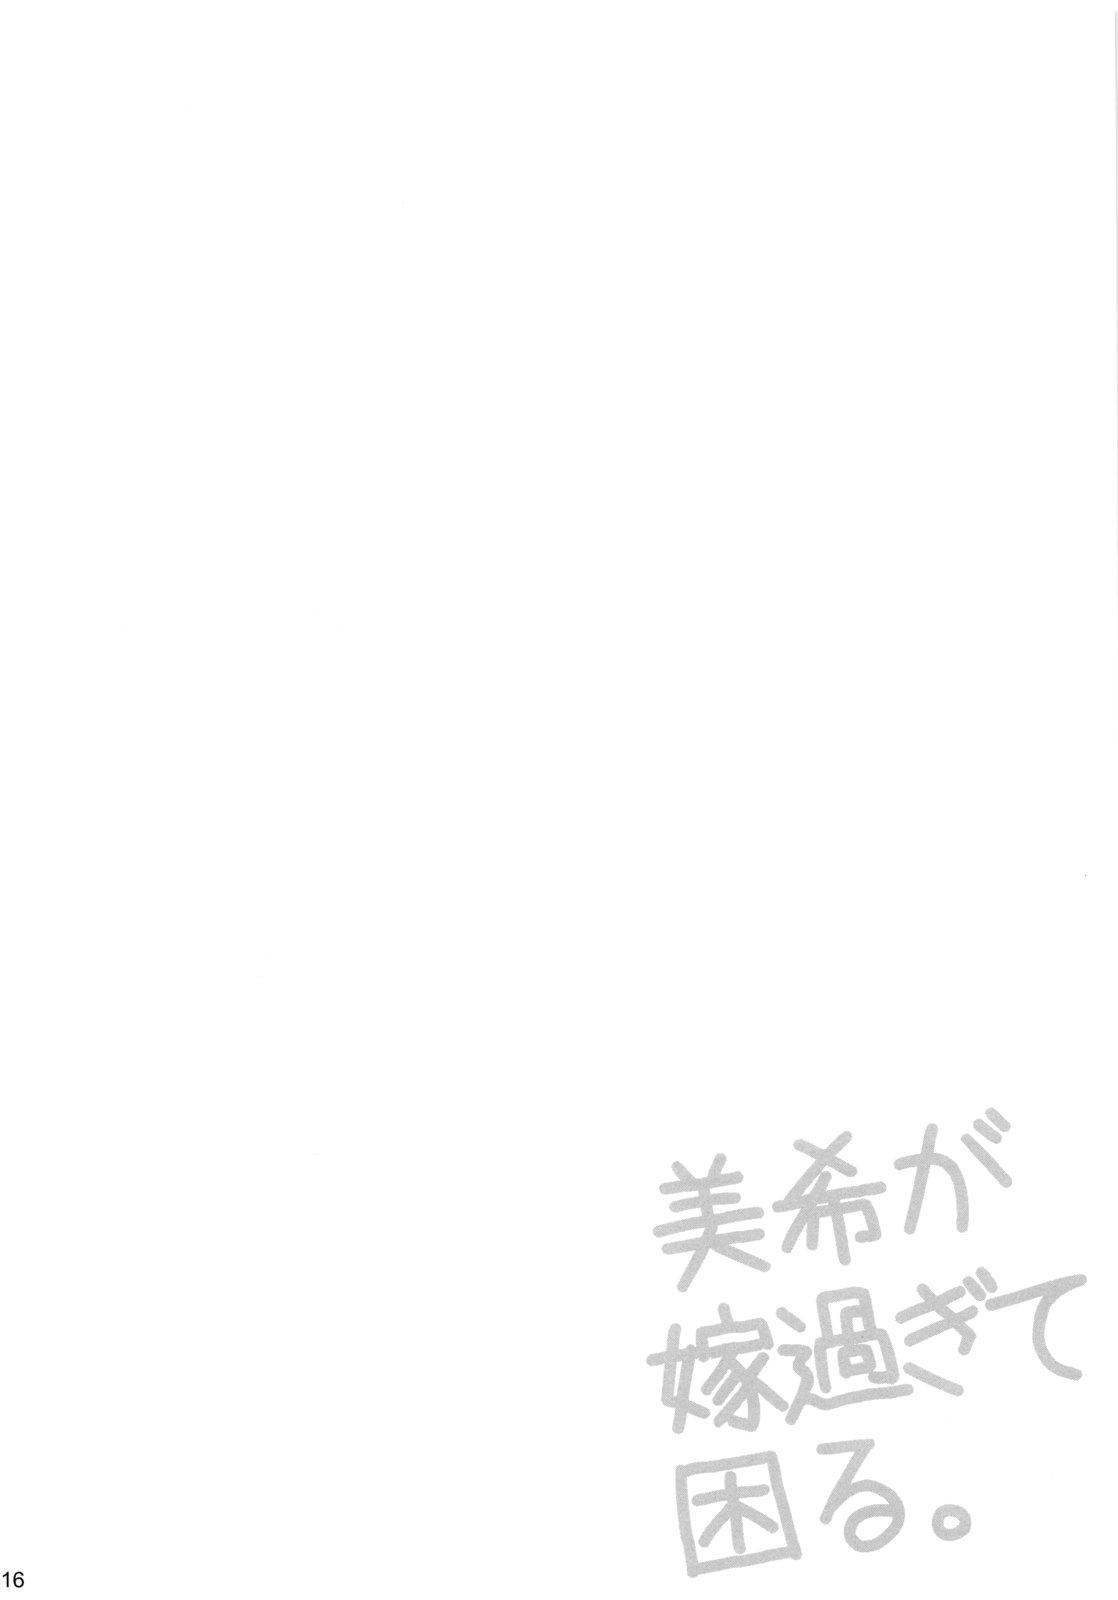 Miki ga Yome sugite Komaru. 14